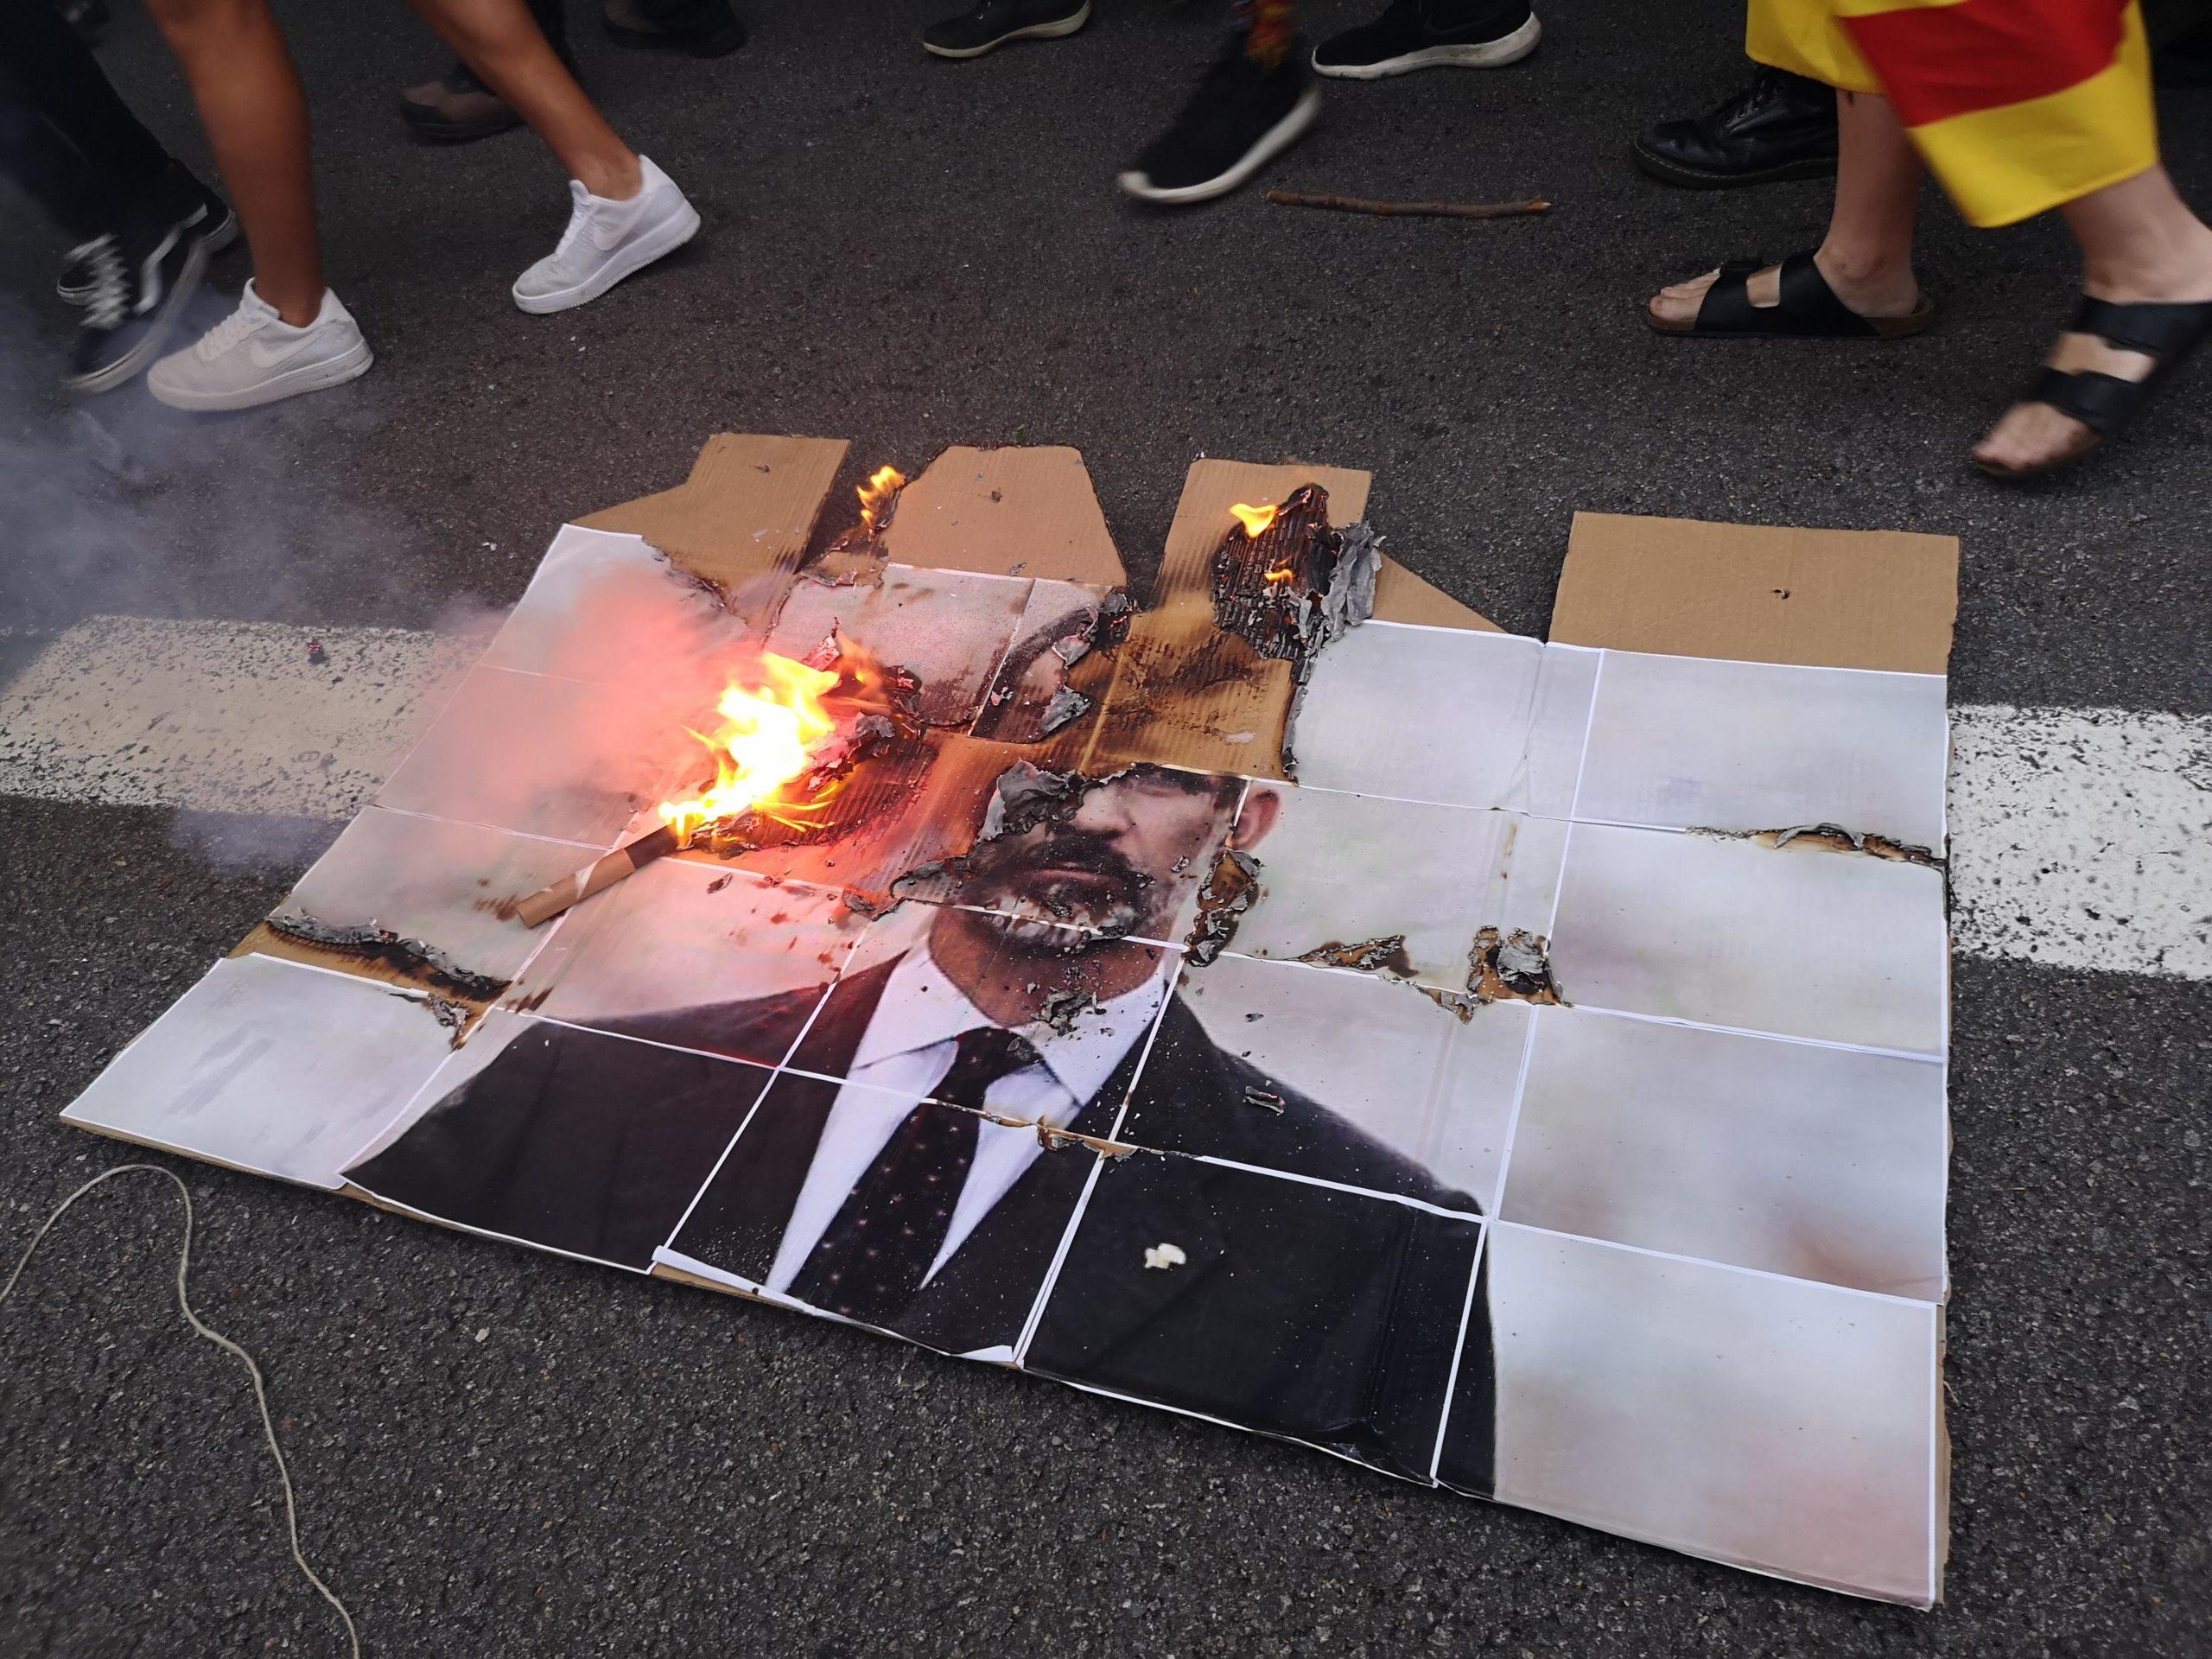 Fotografia de Felip VI cremant a la marxa de l'esquerra independentista / David Cobo